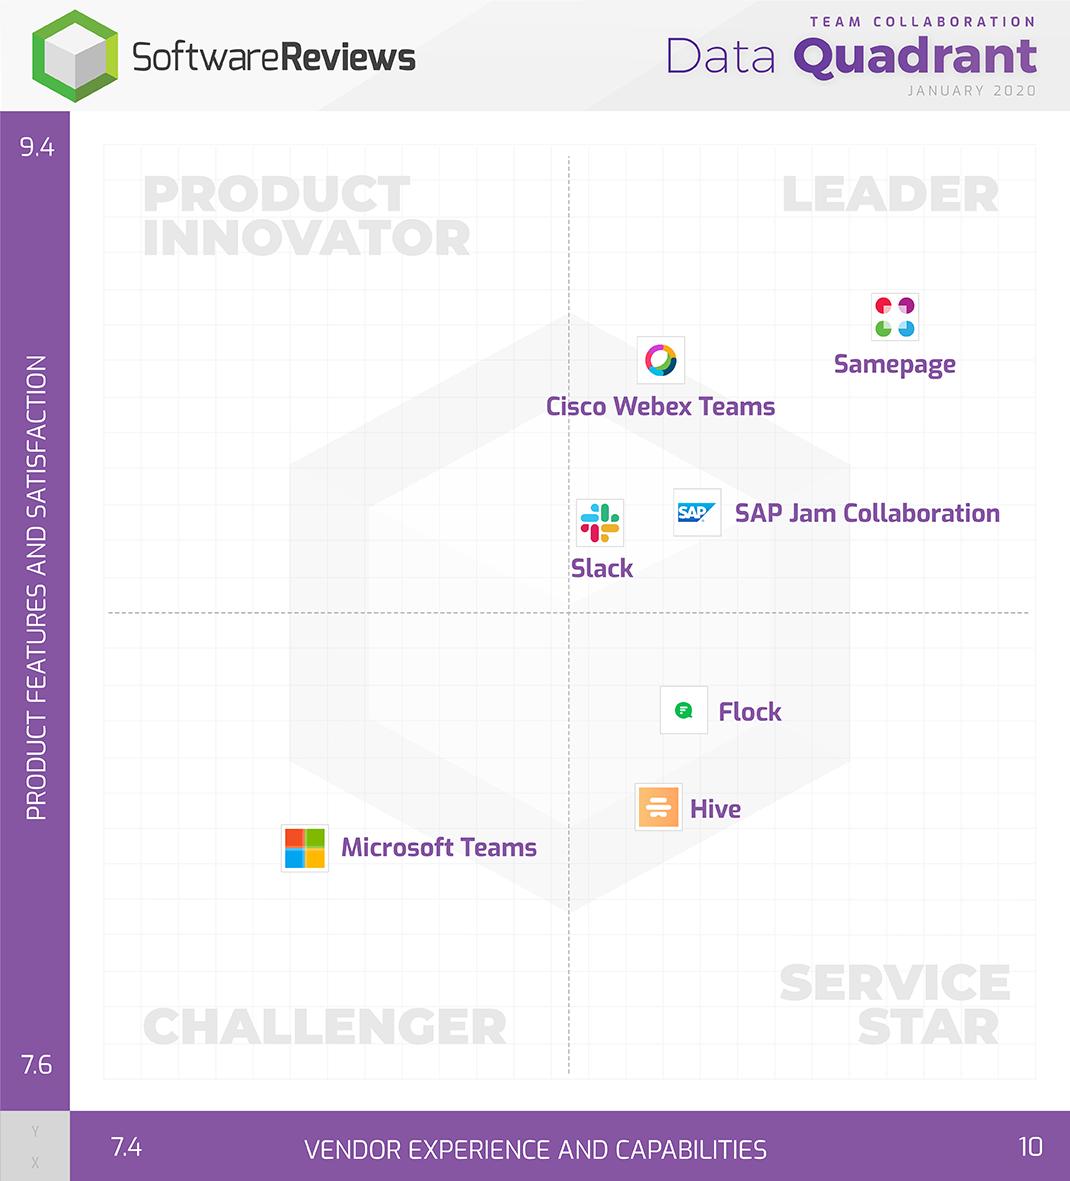 Team Collaboration Data Quadrant